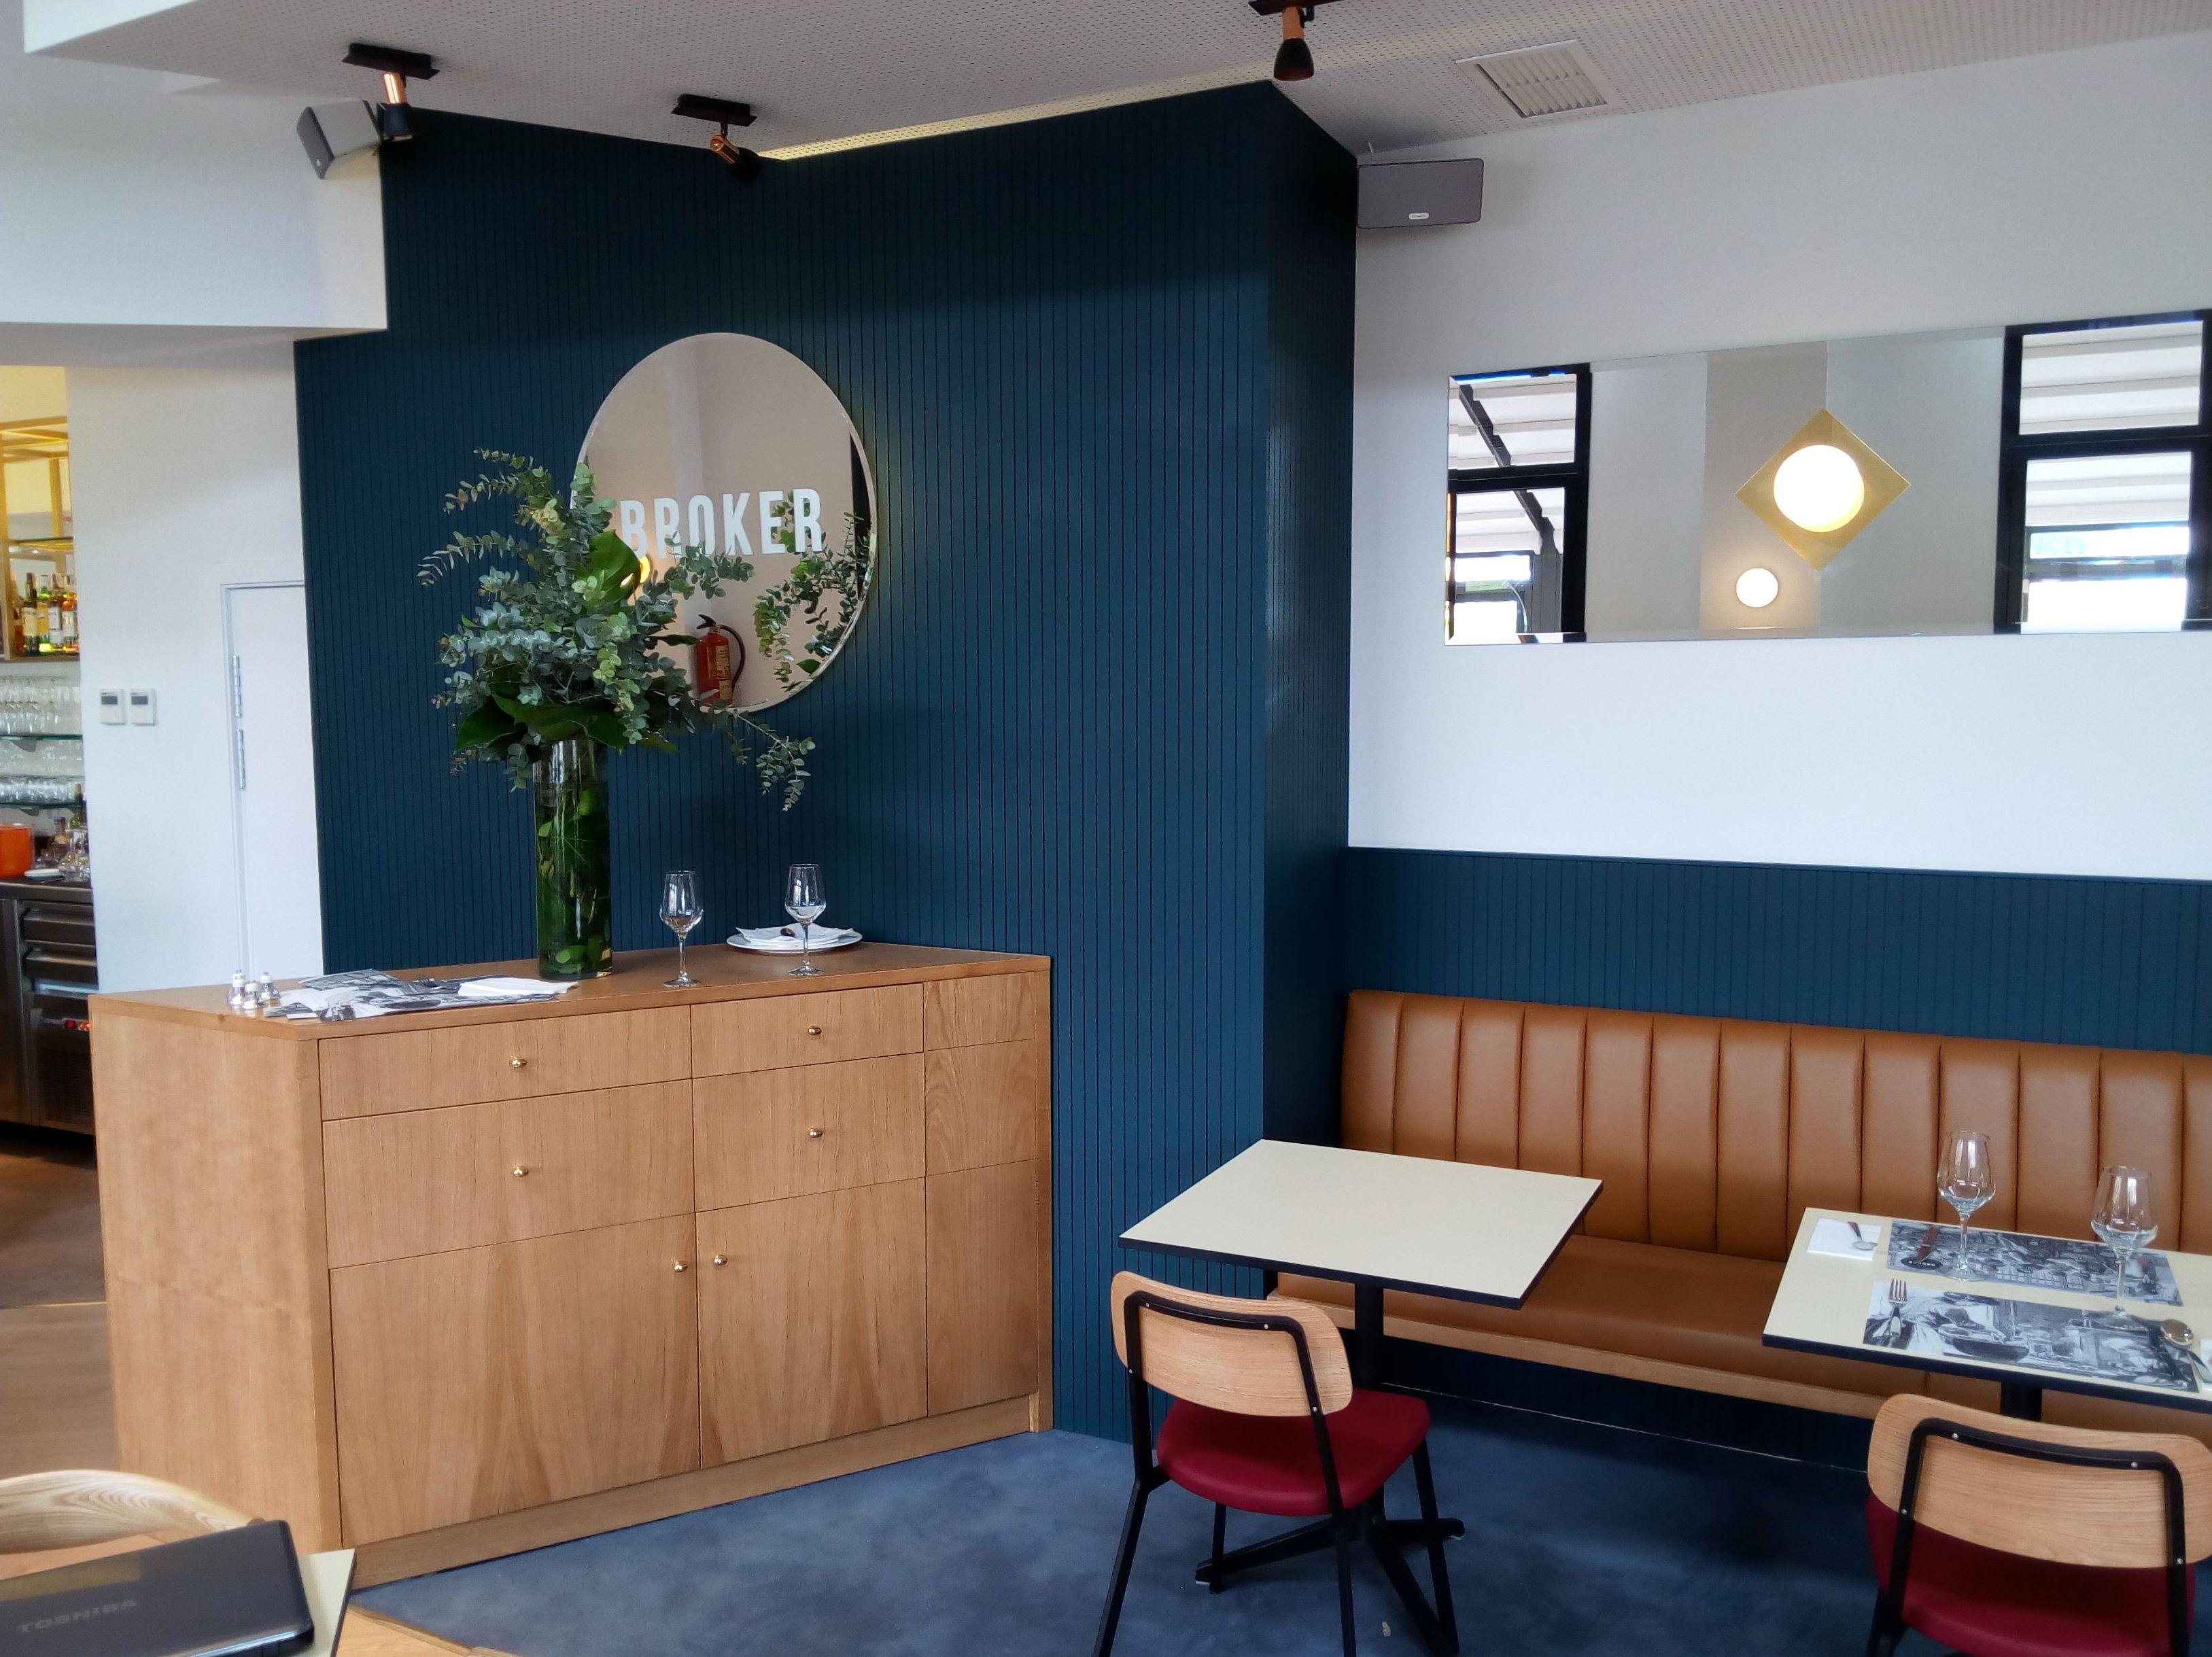 Decoración del interior de un restaurante